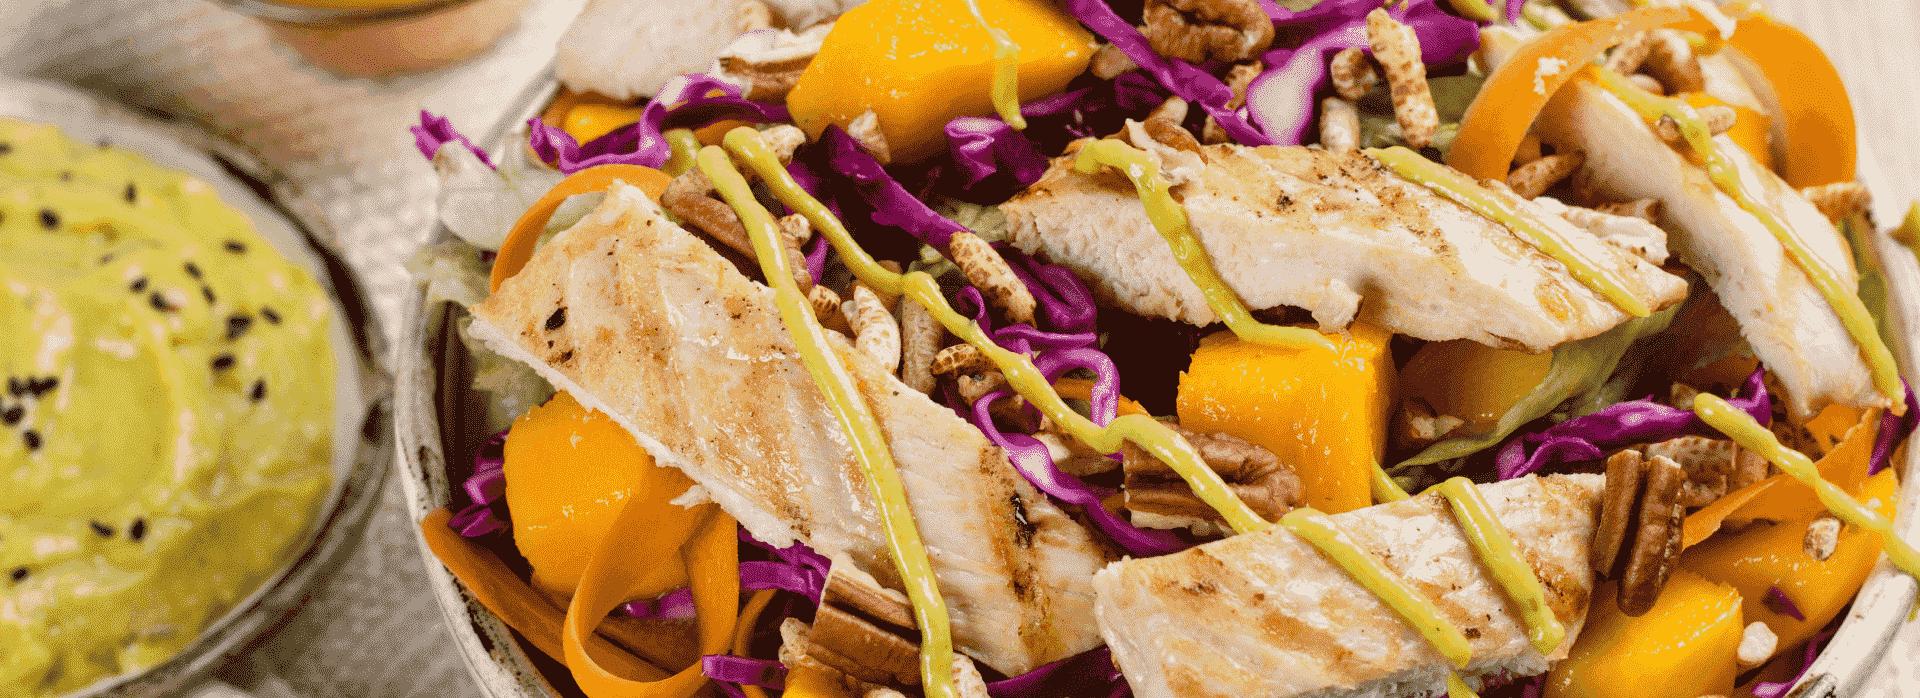 Prueba esta Deliciosa ensalada de pollo para un almuerzo saludable